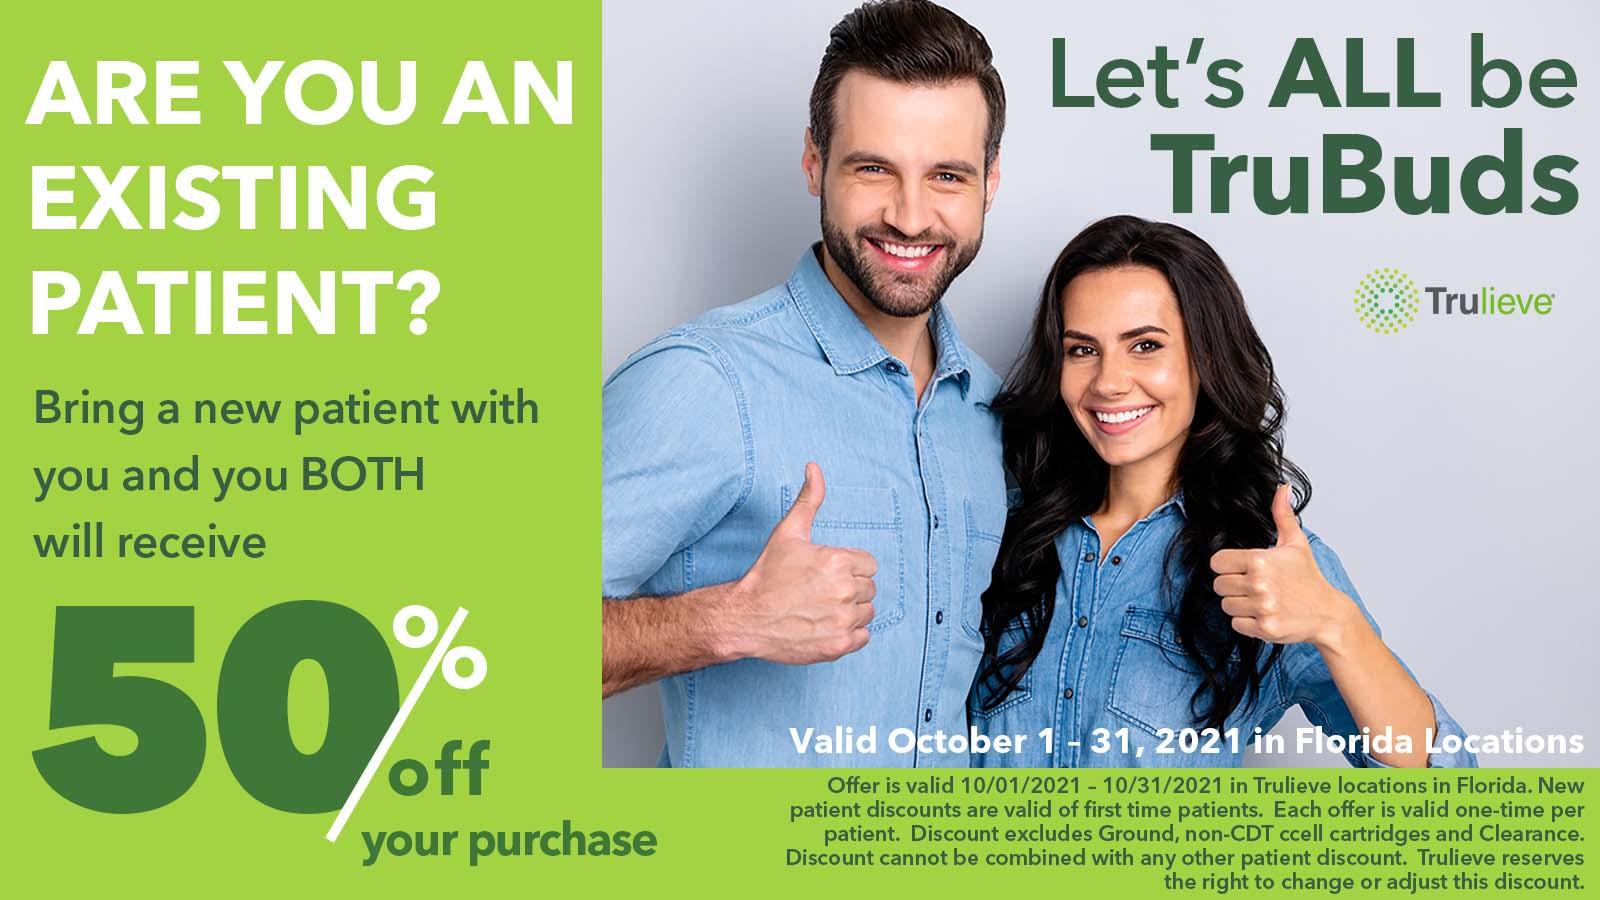 October bring new patient discount